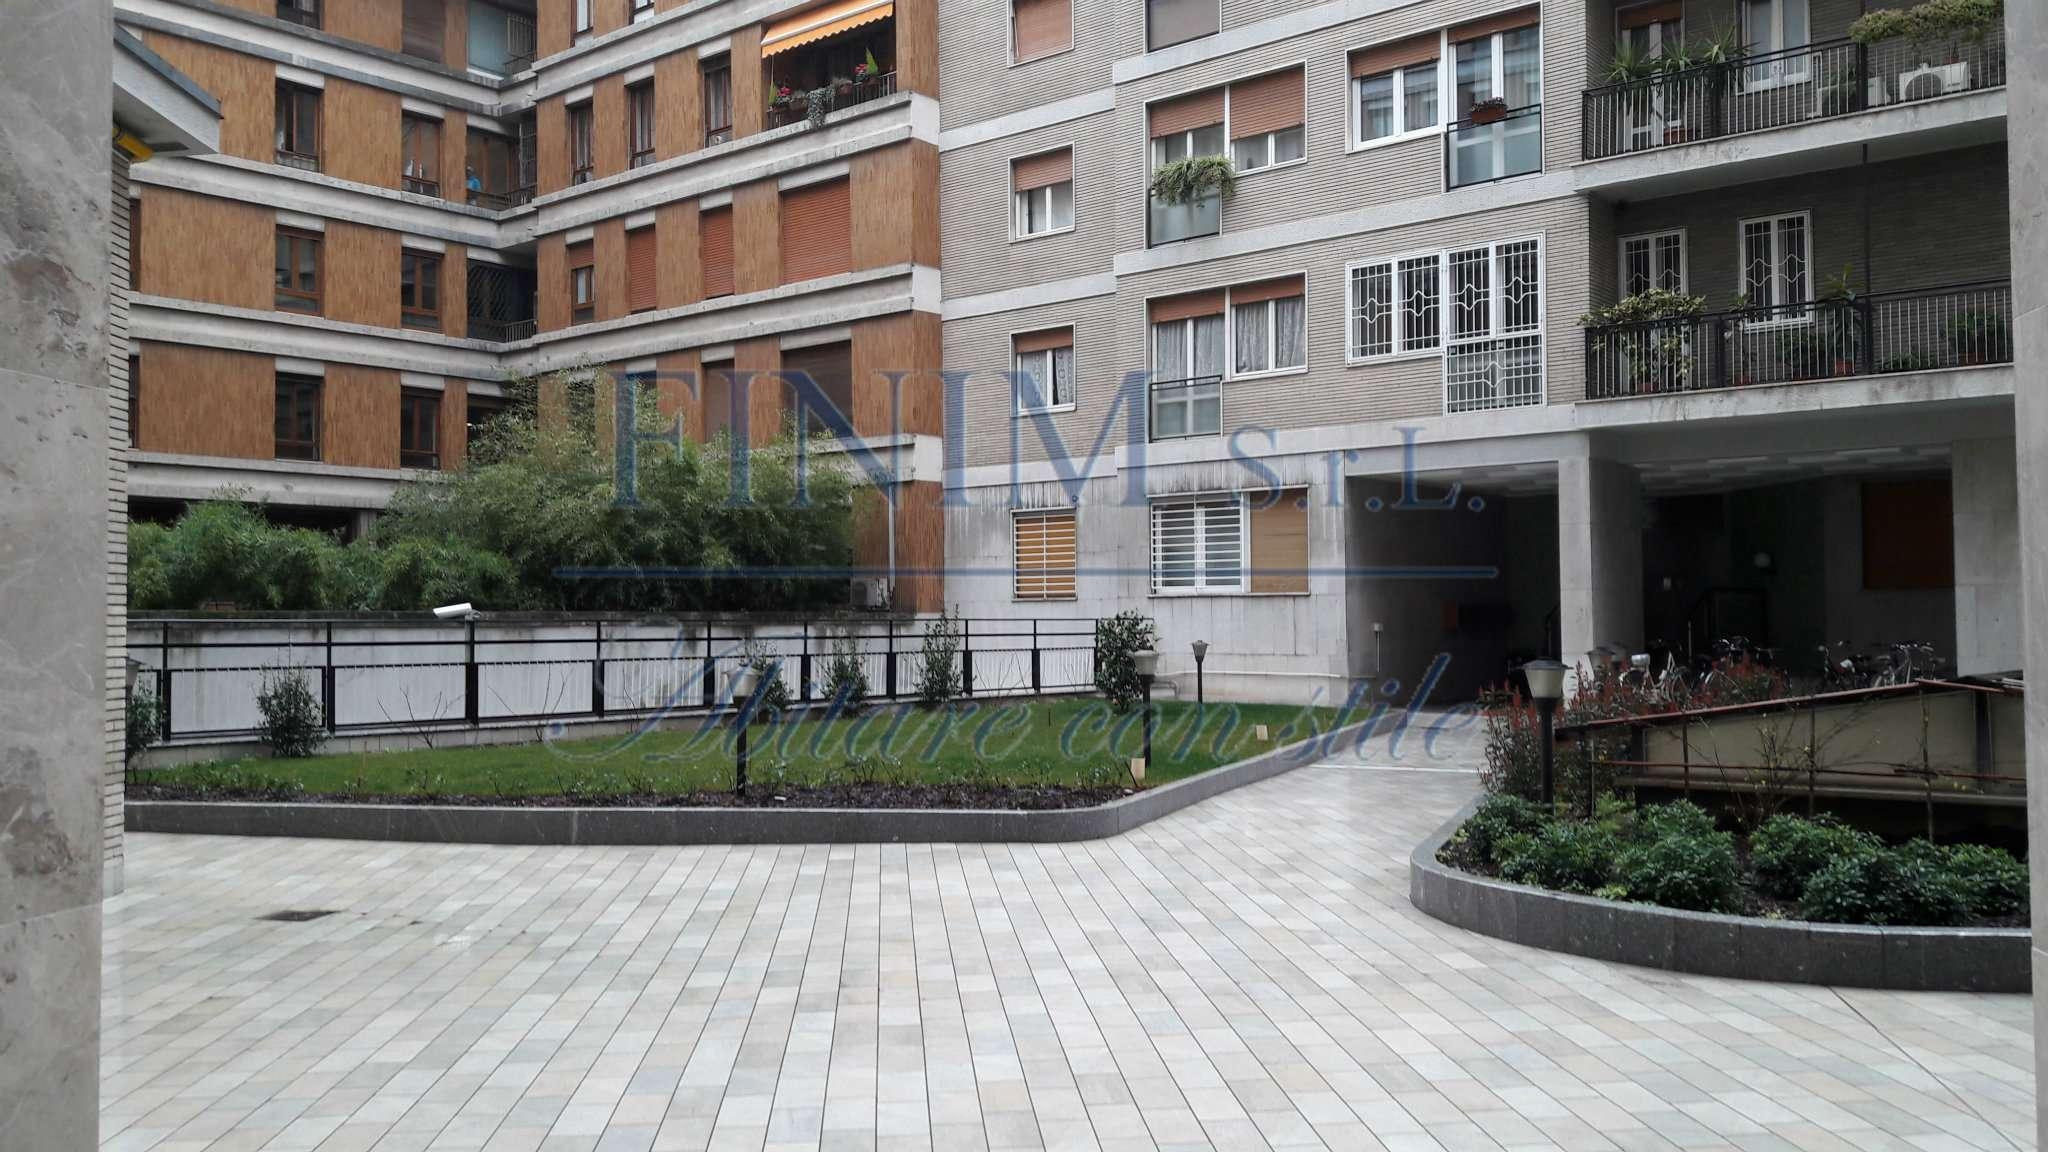 Appartamento in Vendita a Milano 17 Marghera / Wagner / Fiera: 3 locali, 90 mq